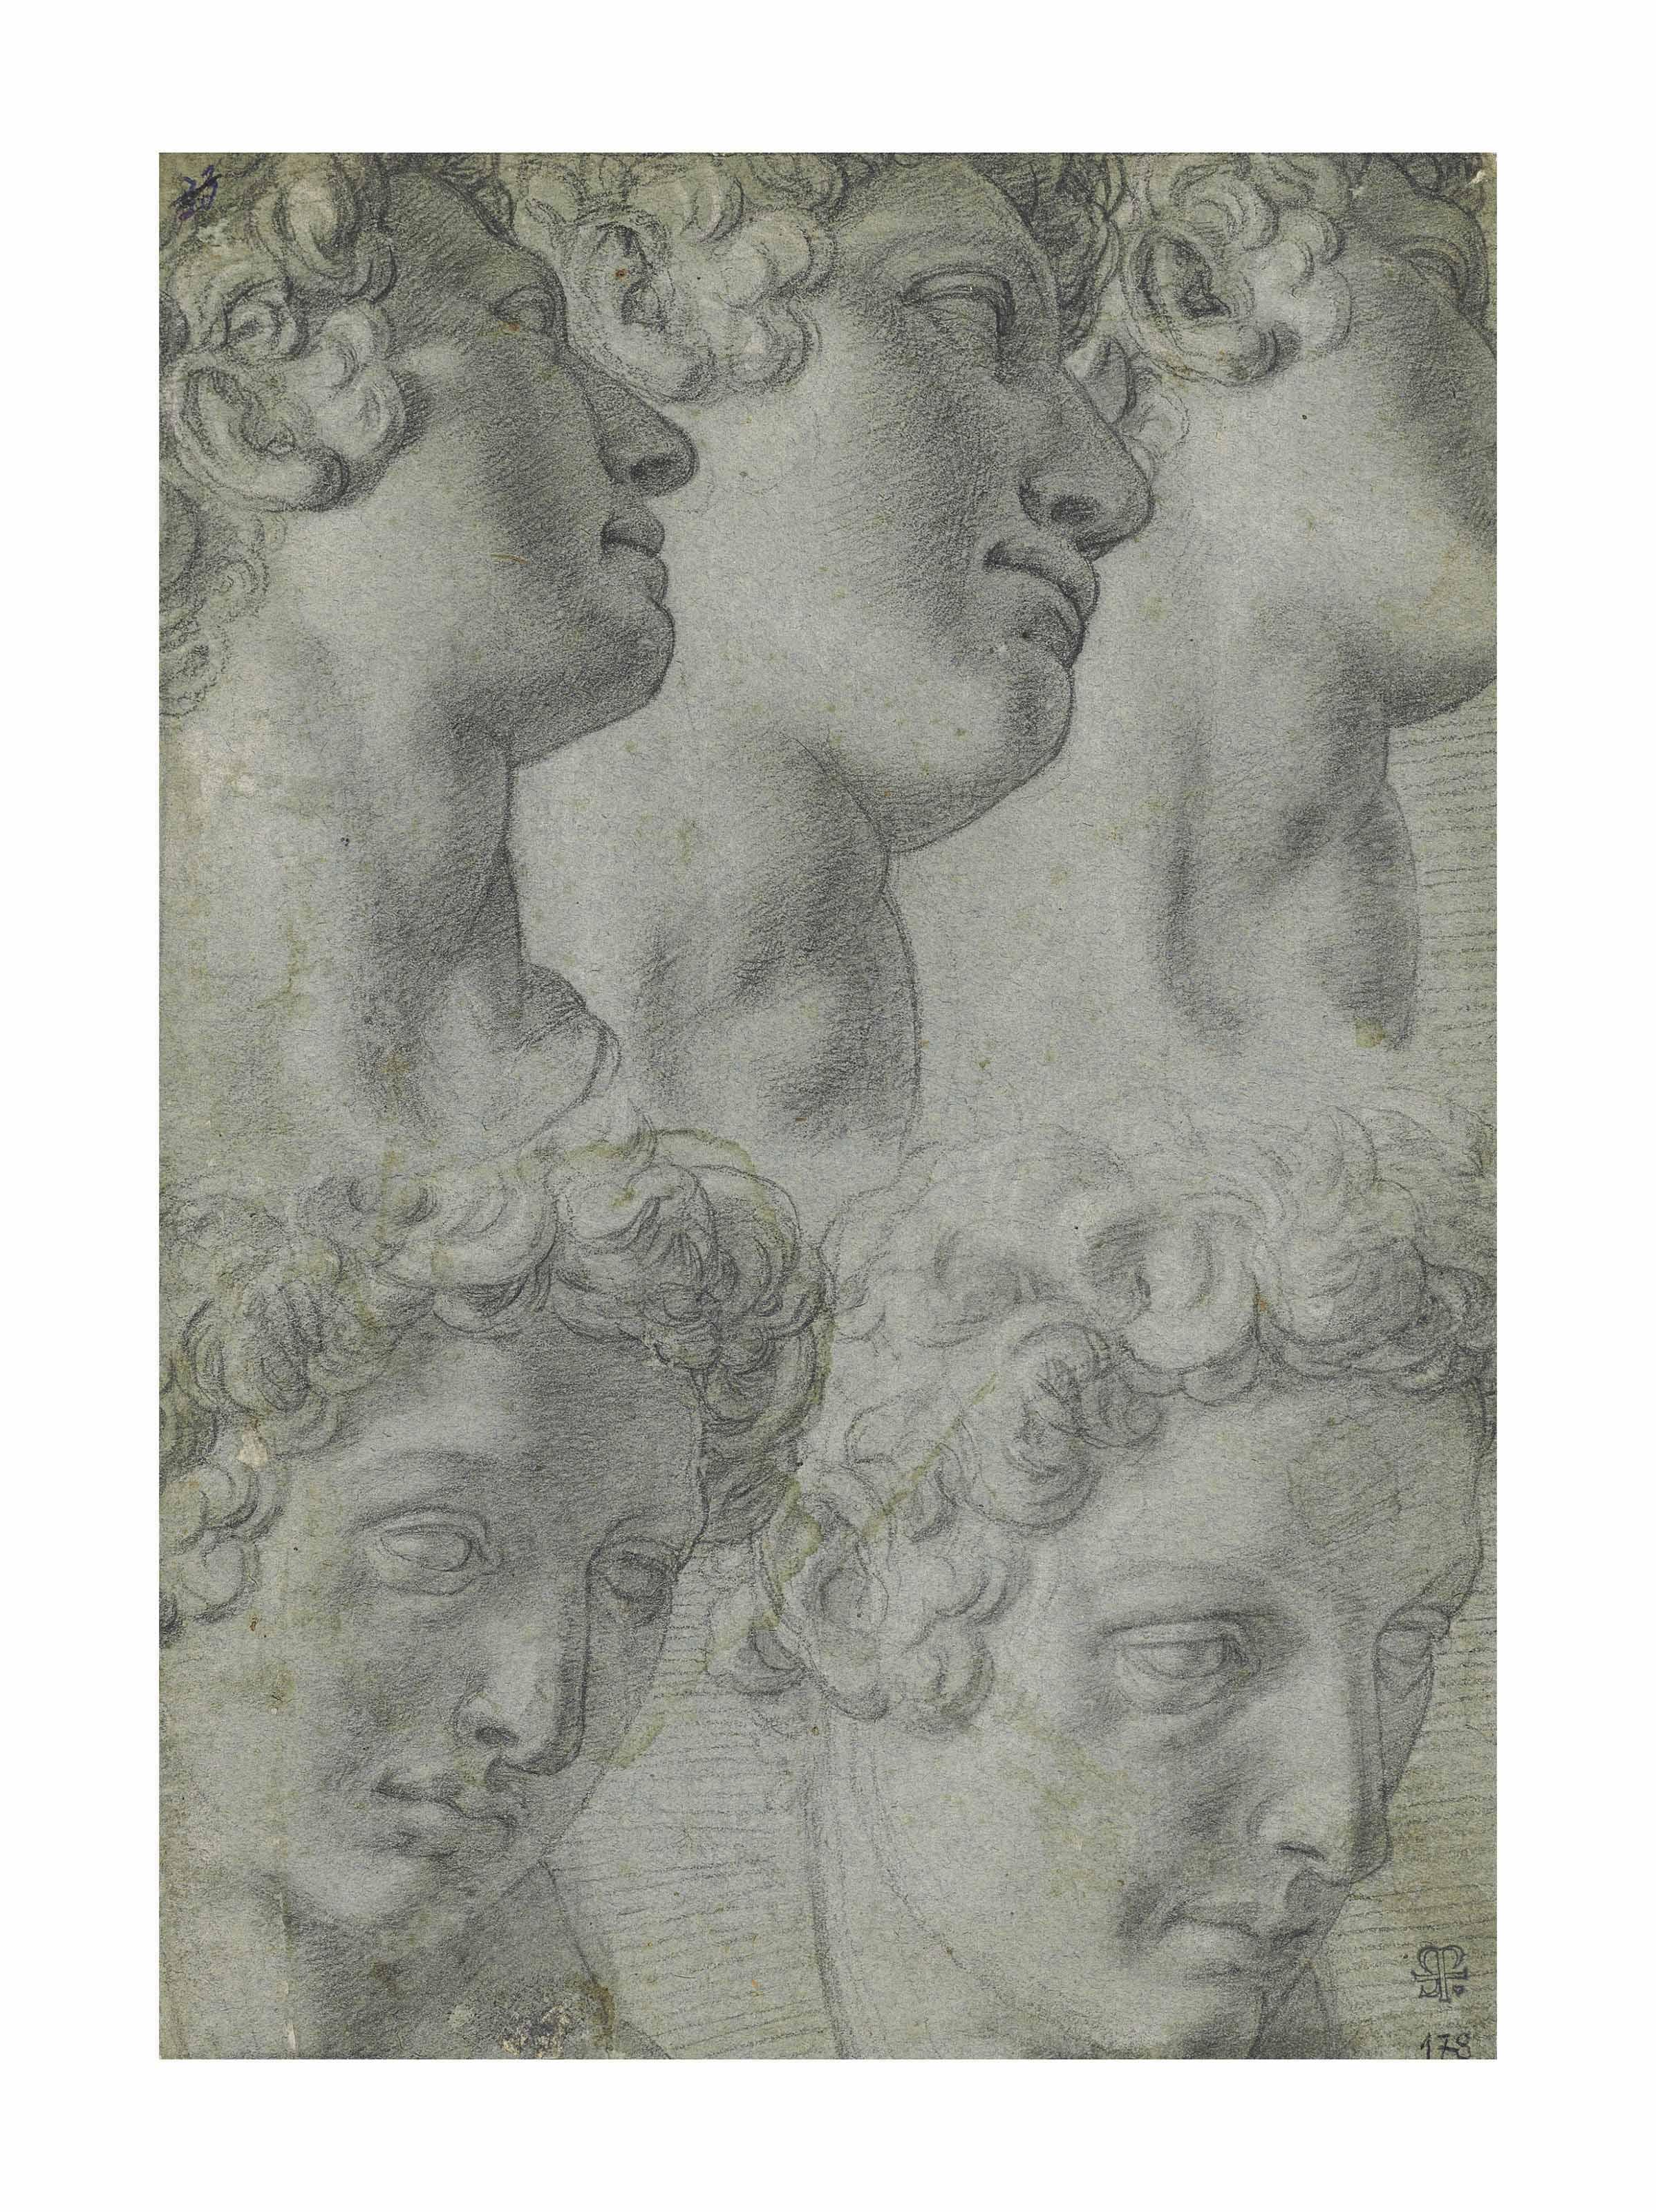 Five studies of the head of Giuliano de' Medici, after Michelangelo